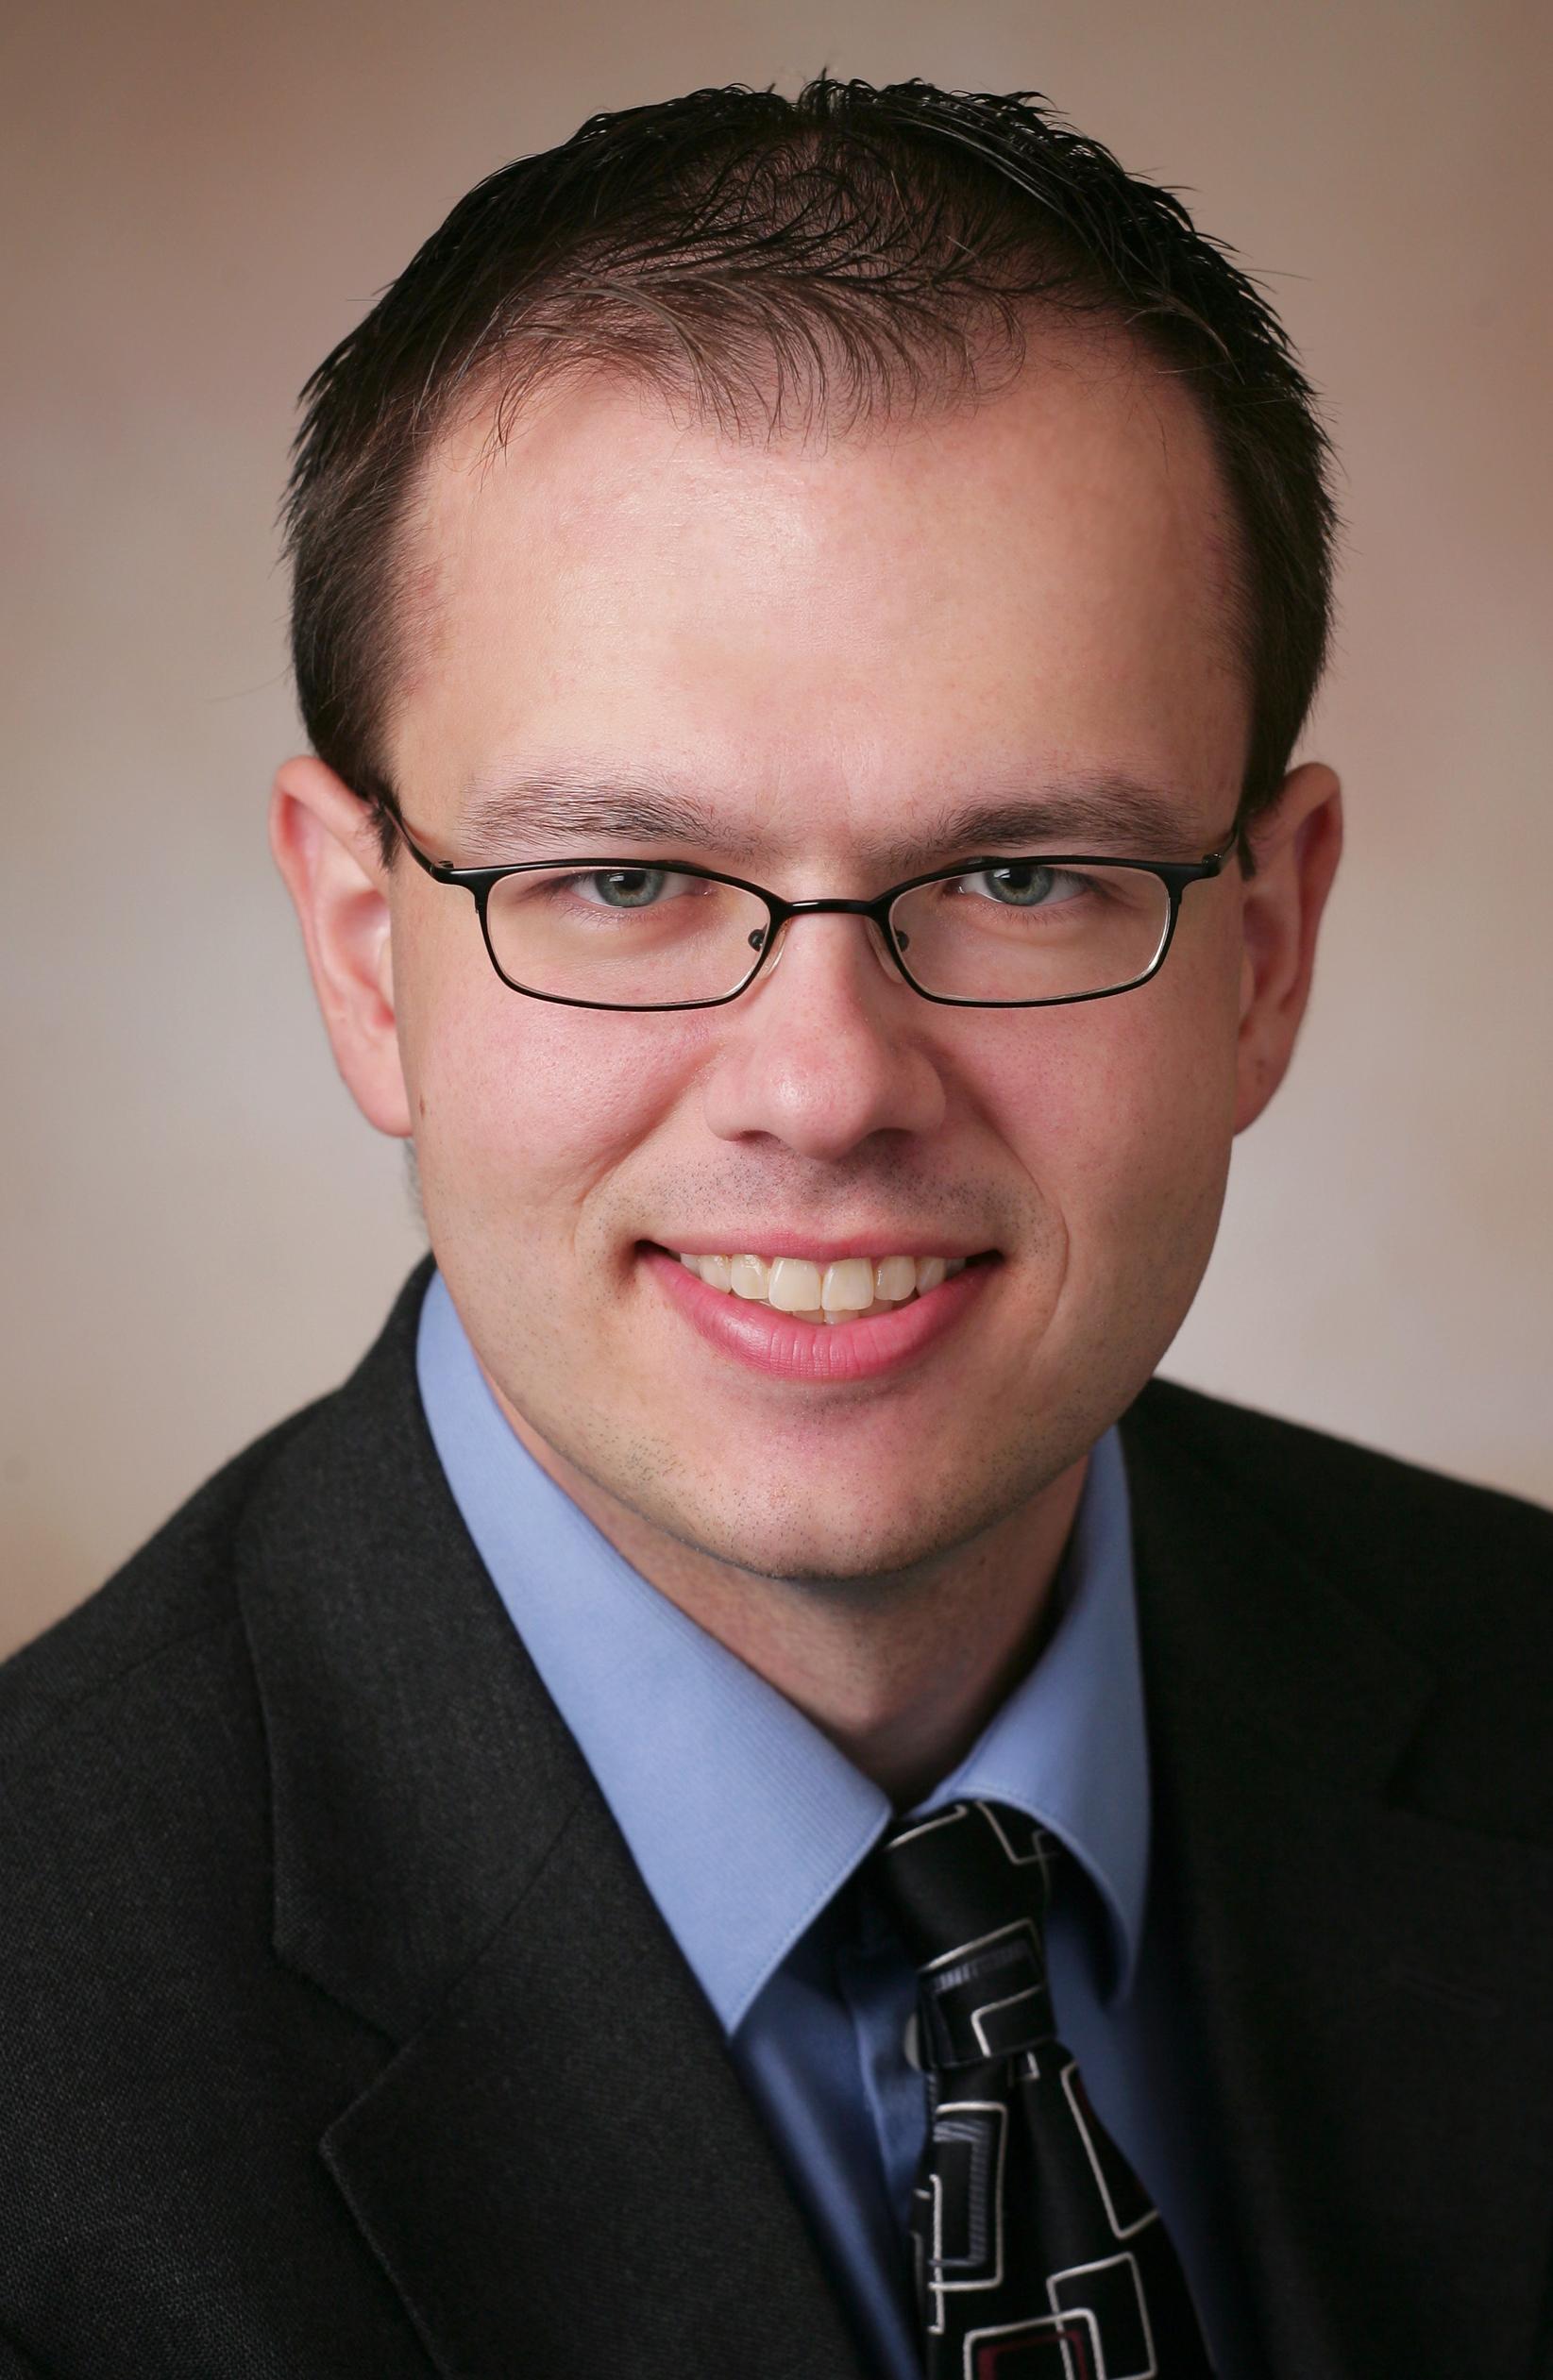 Brian Tasky